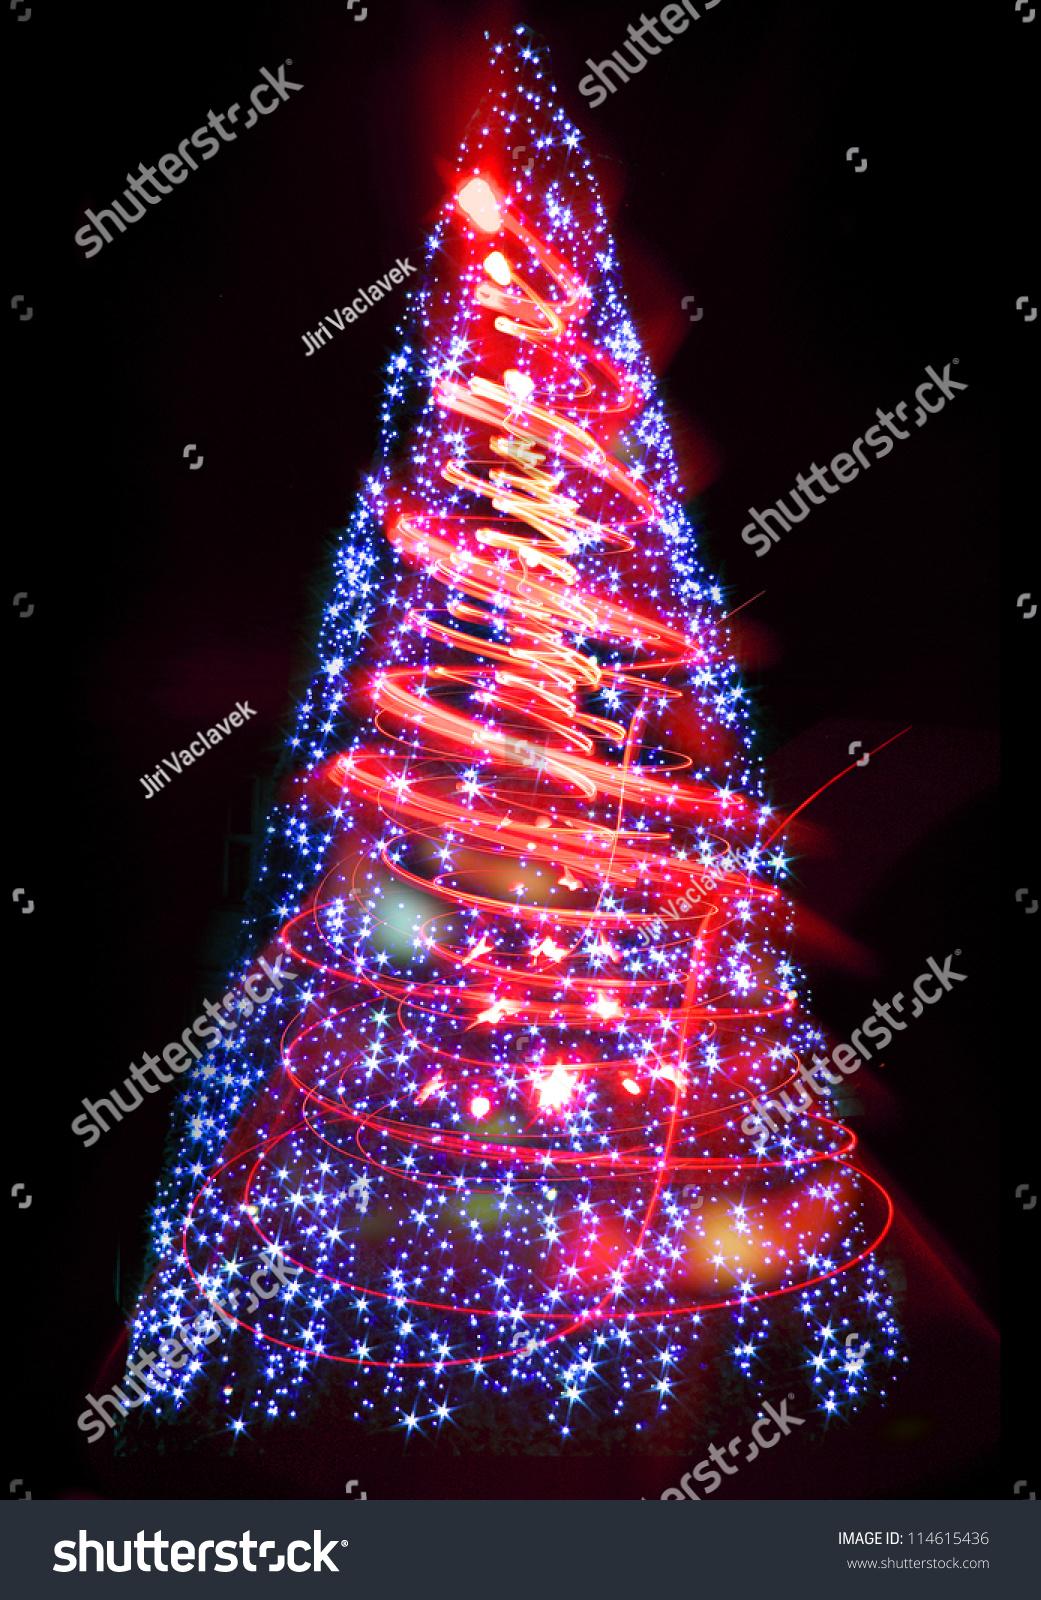 Nice Christmas Tree xmas tree as very nice christmas background from color lights